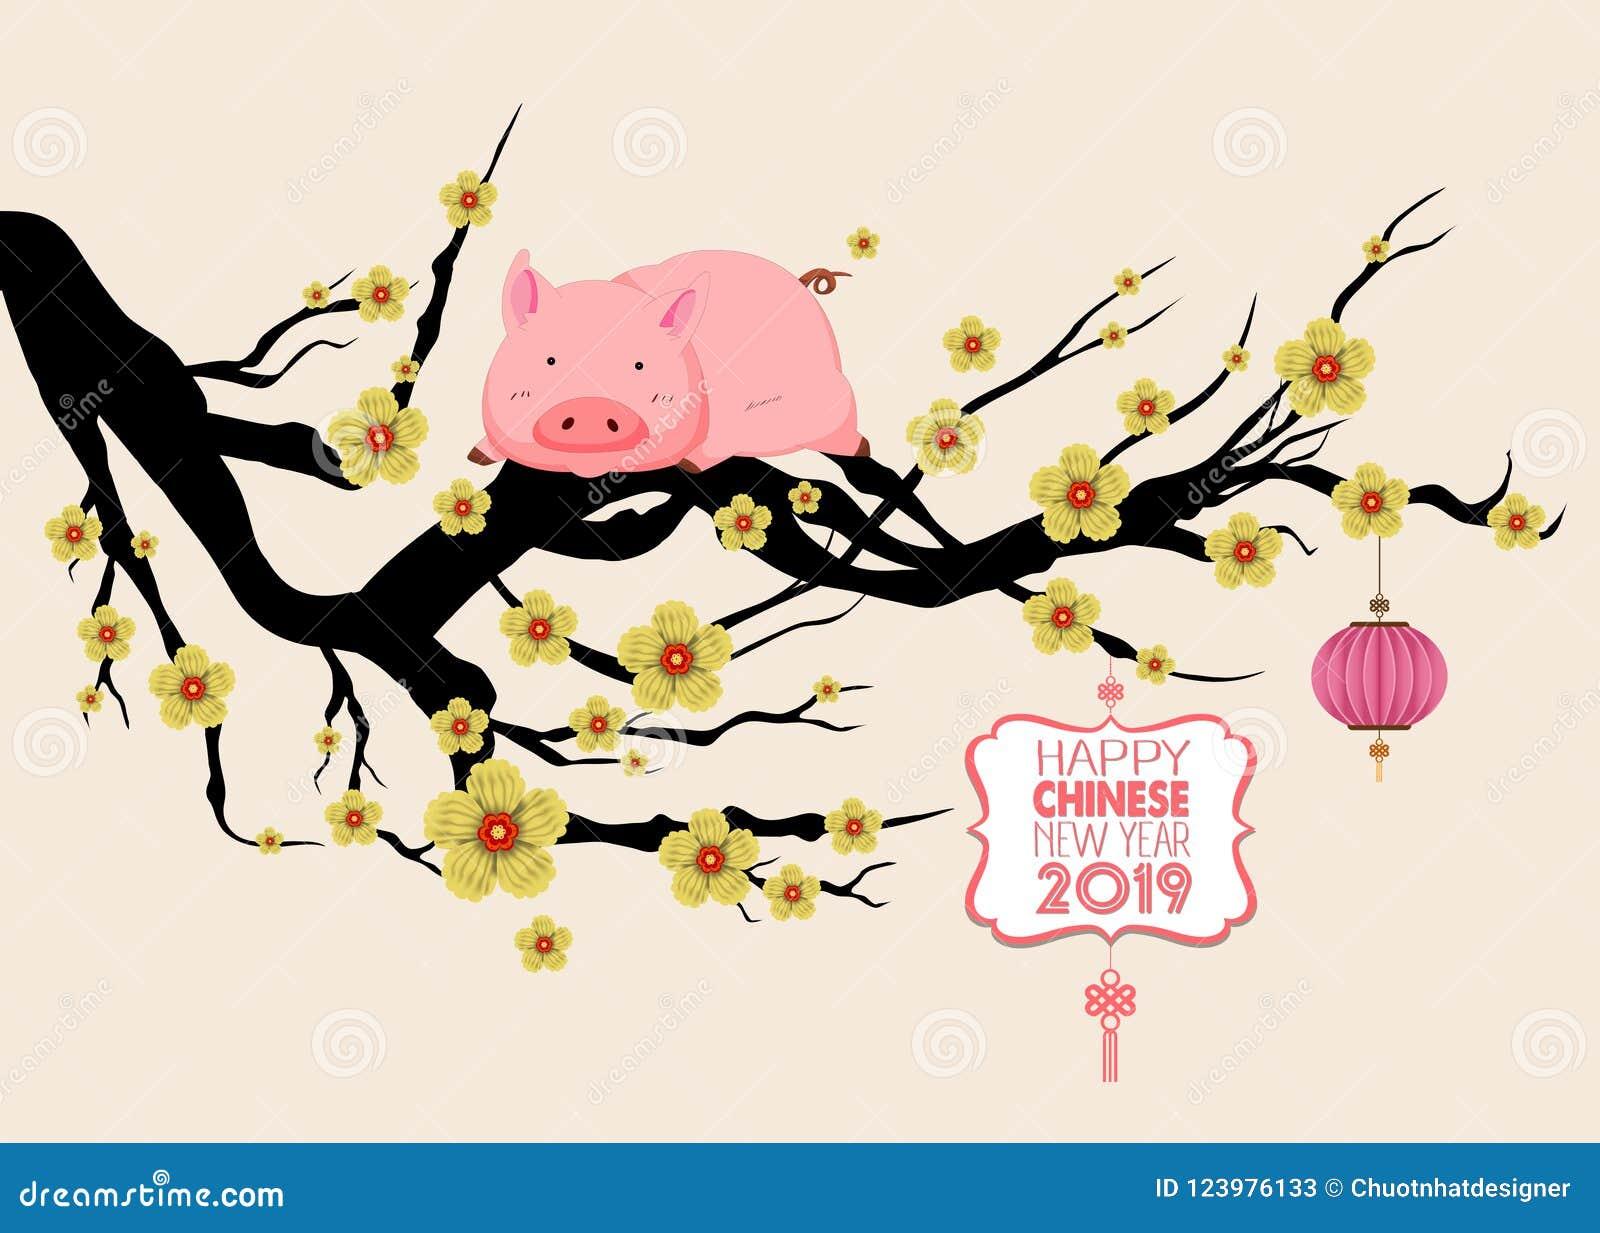 Ευτυχές κινεζικό νέο Zodiac έτους 2019 σημάδι με το χοίρο Οι κινεζικοί χαρακτήρες σημαίνουν καλή χρονιά